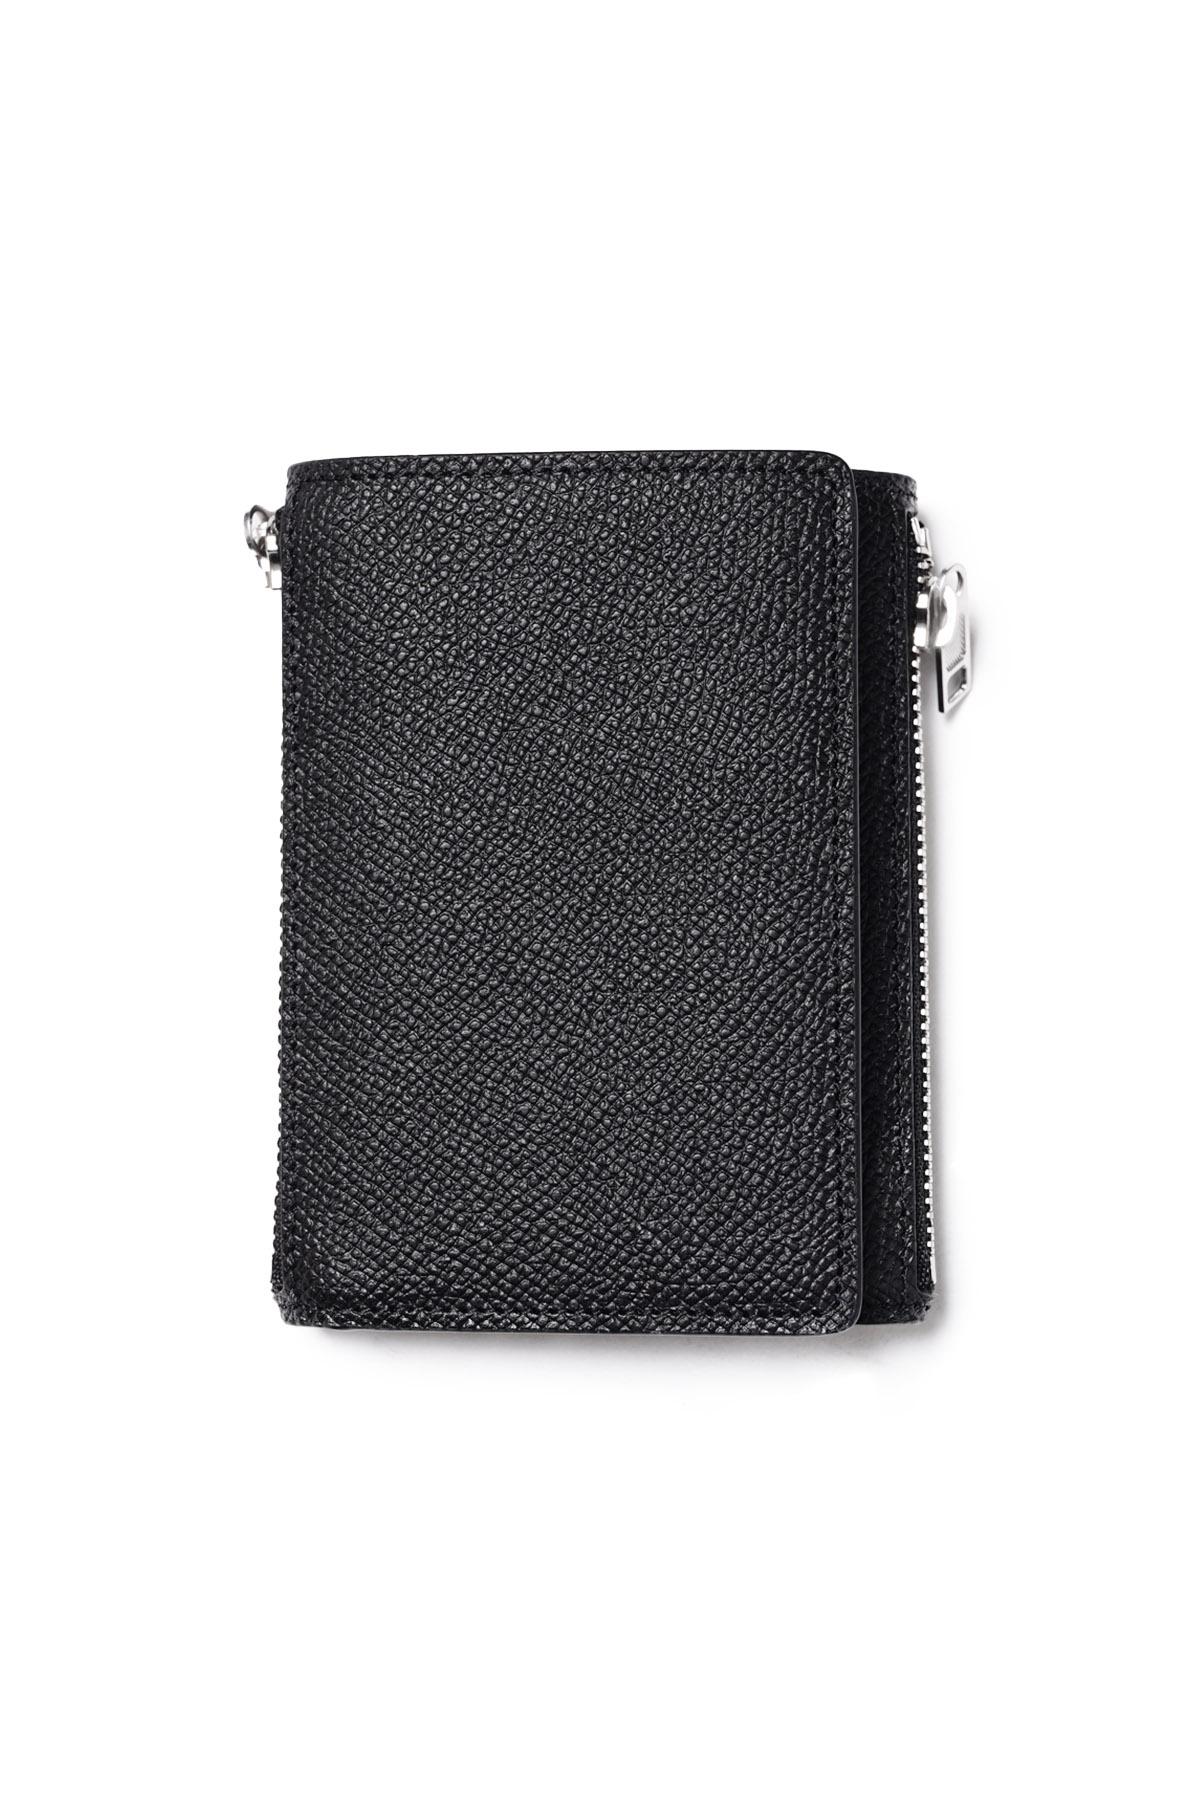 3-Fold Zip Wallet [2021SS]